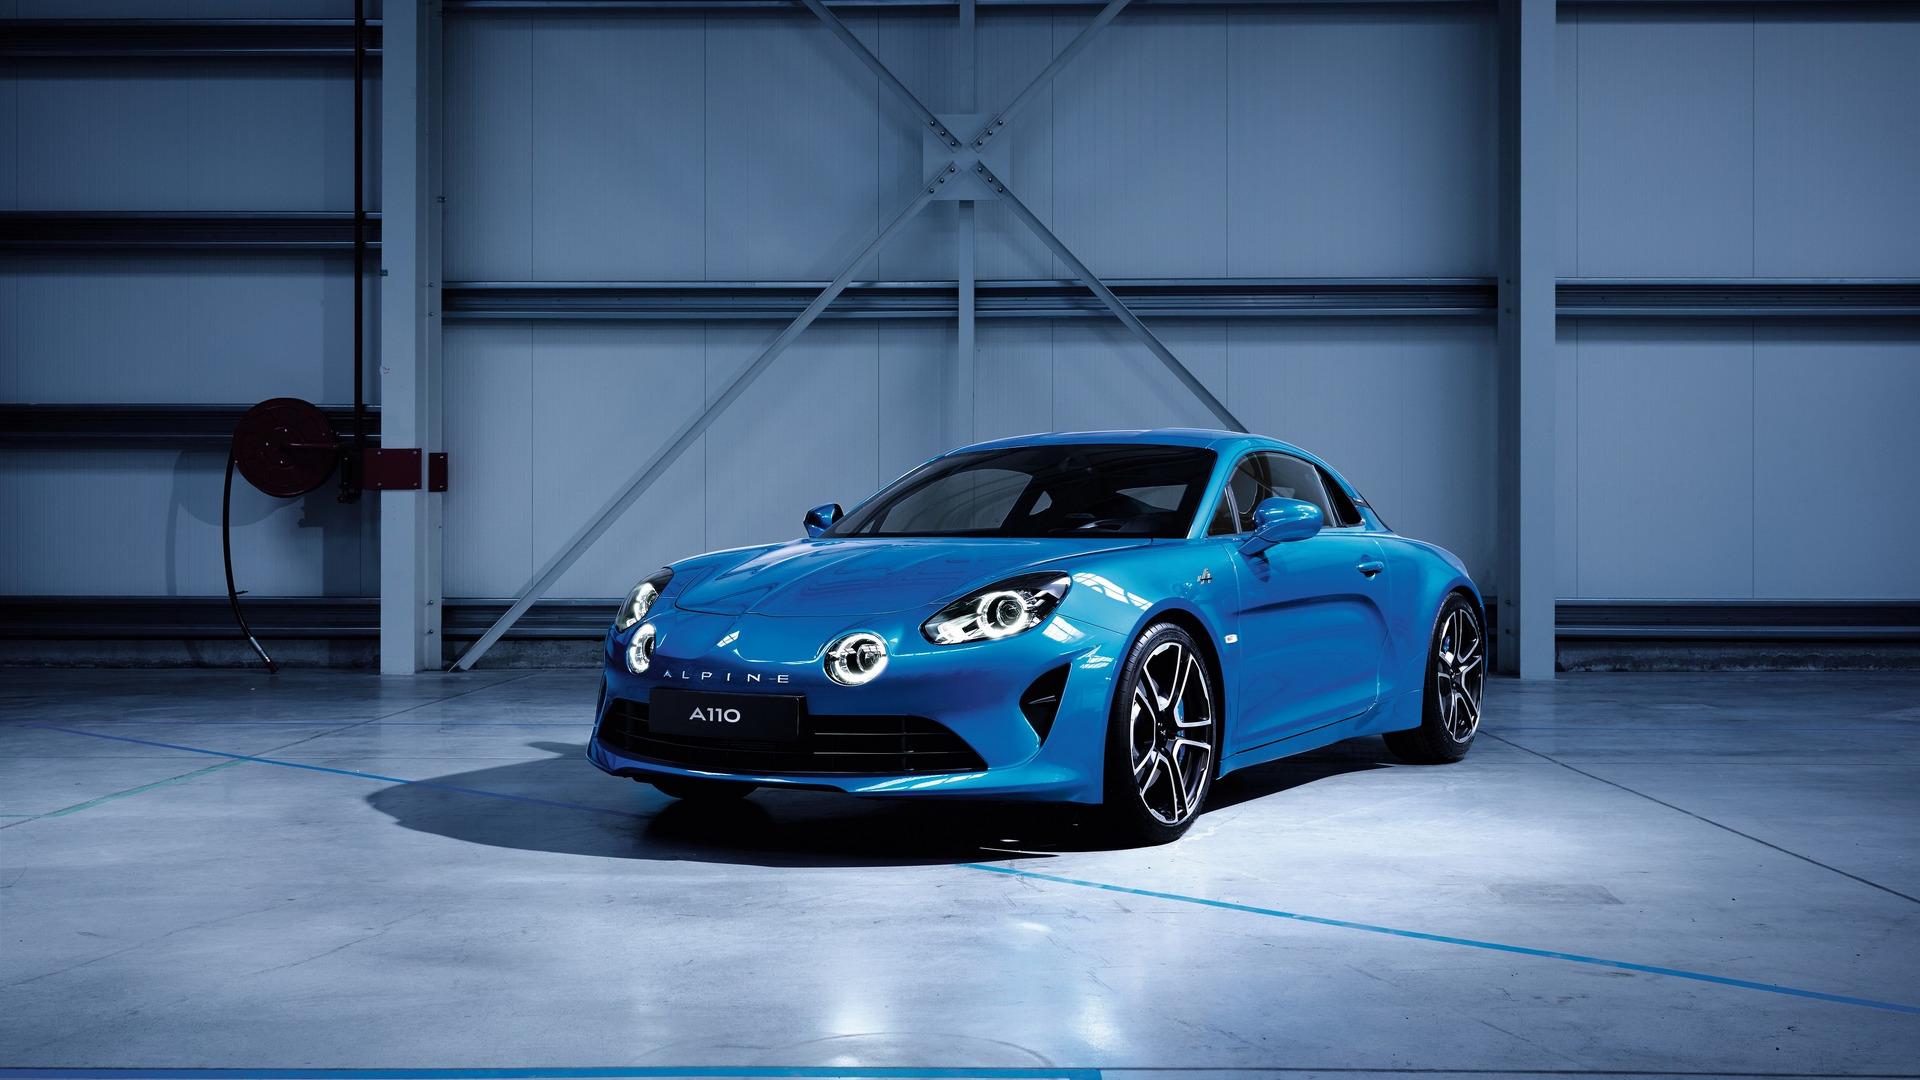 Alpine y Lotus desarrollarán el sucesor del A110: Será 100% eléctrico